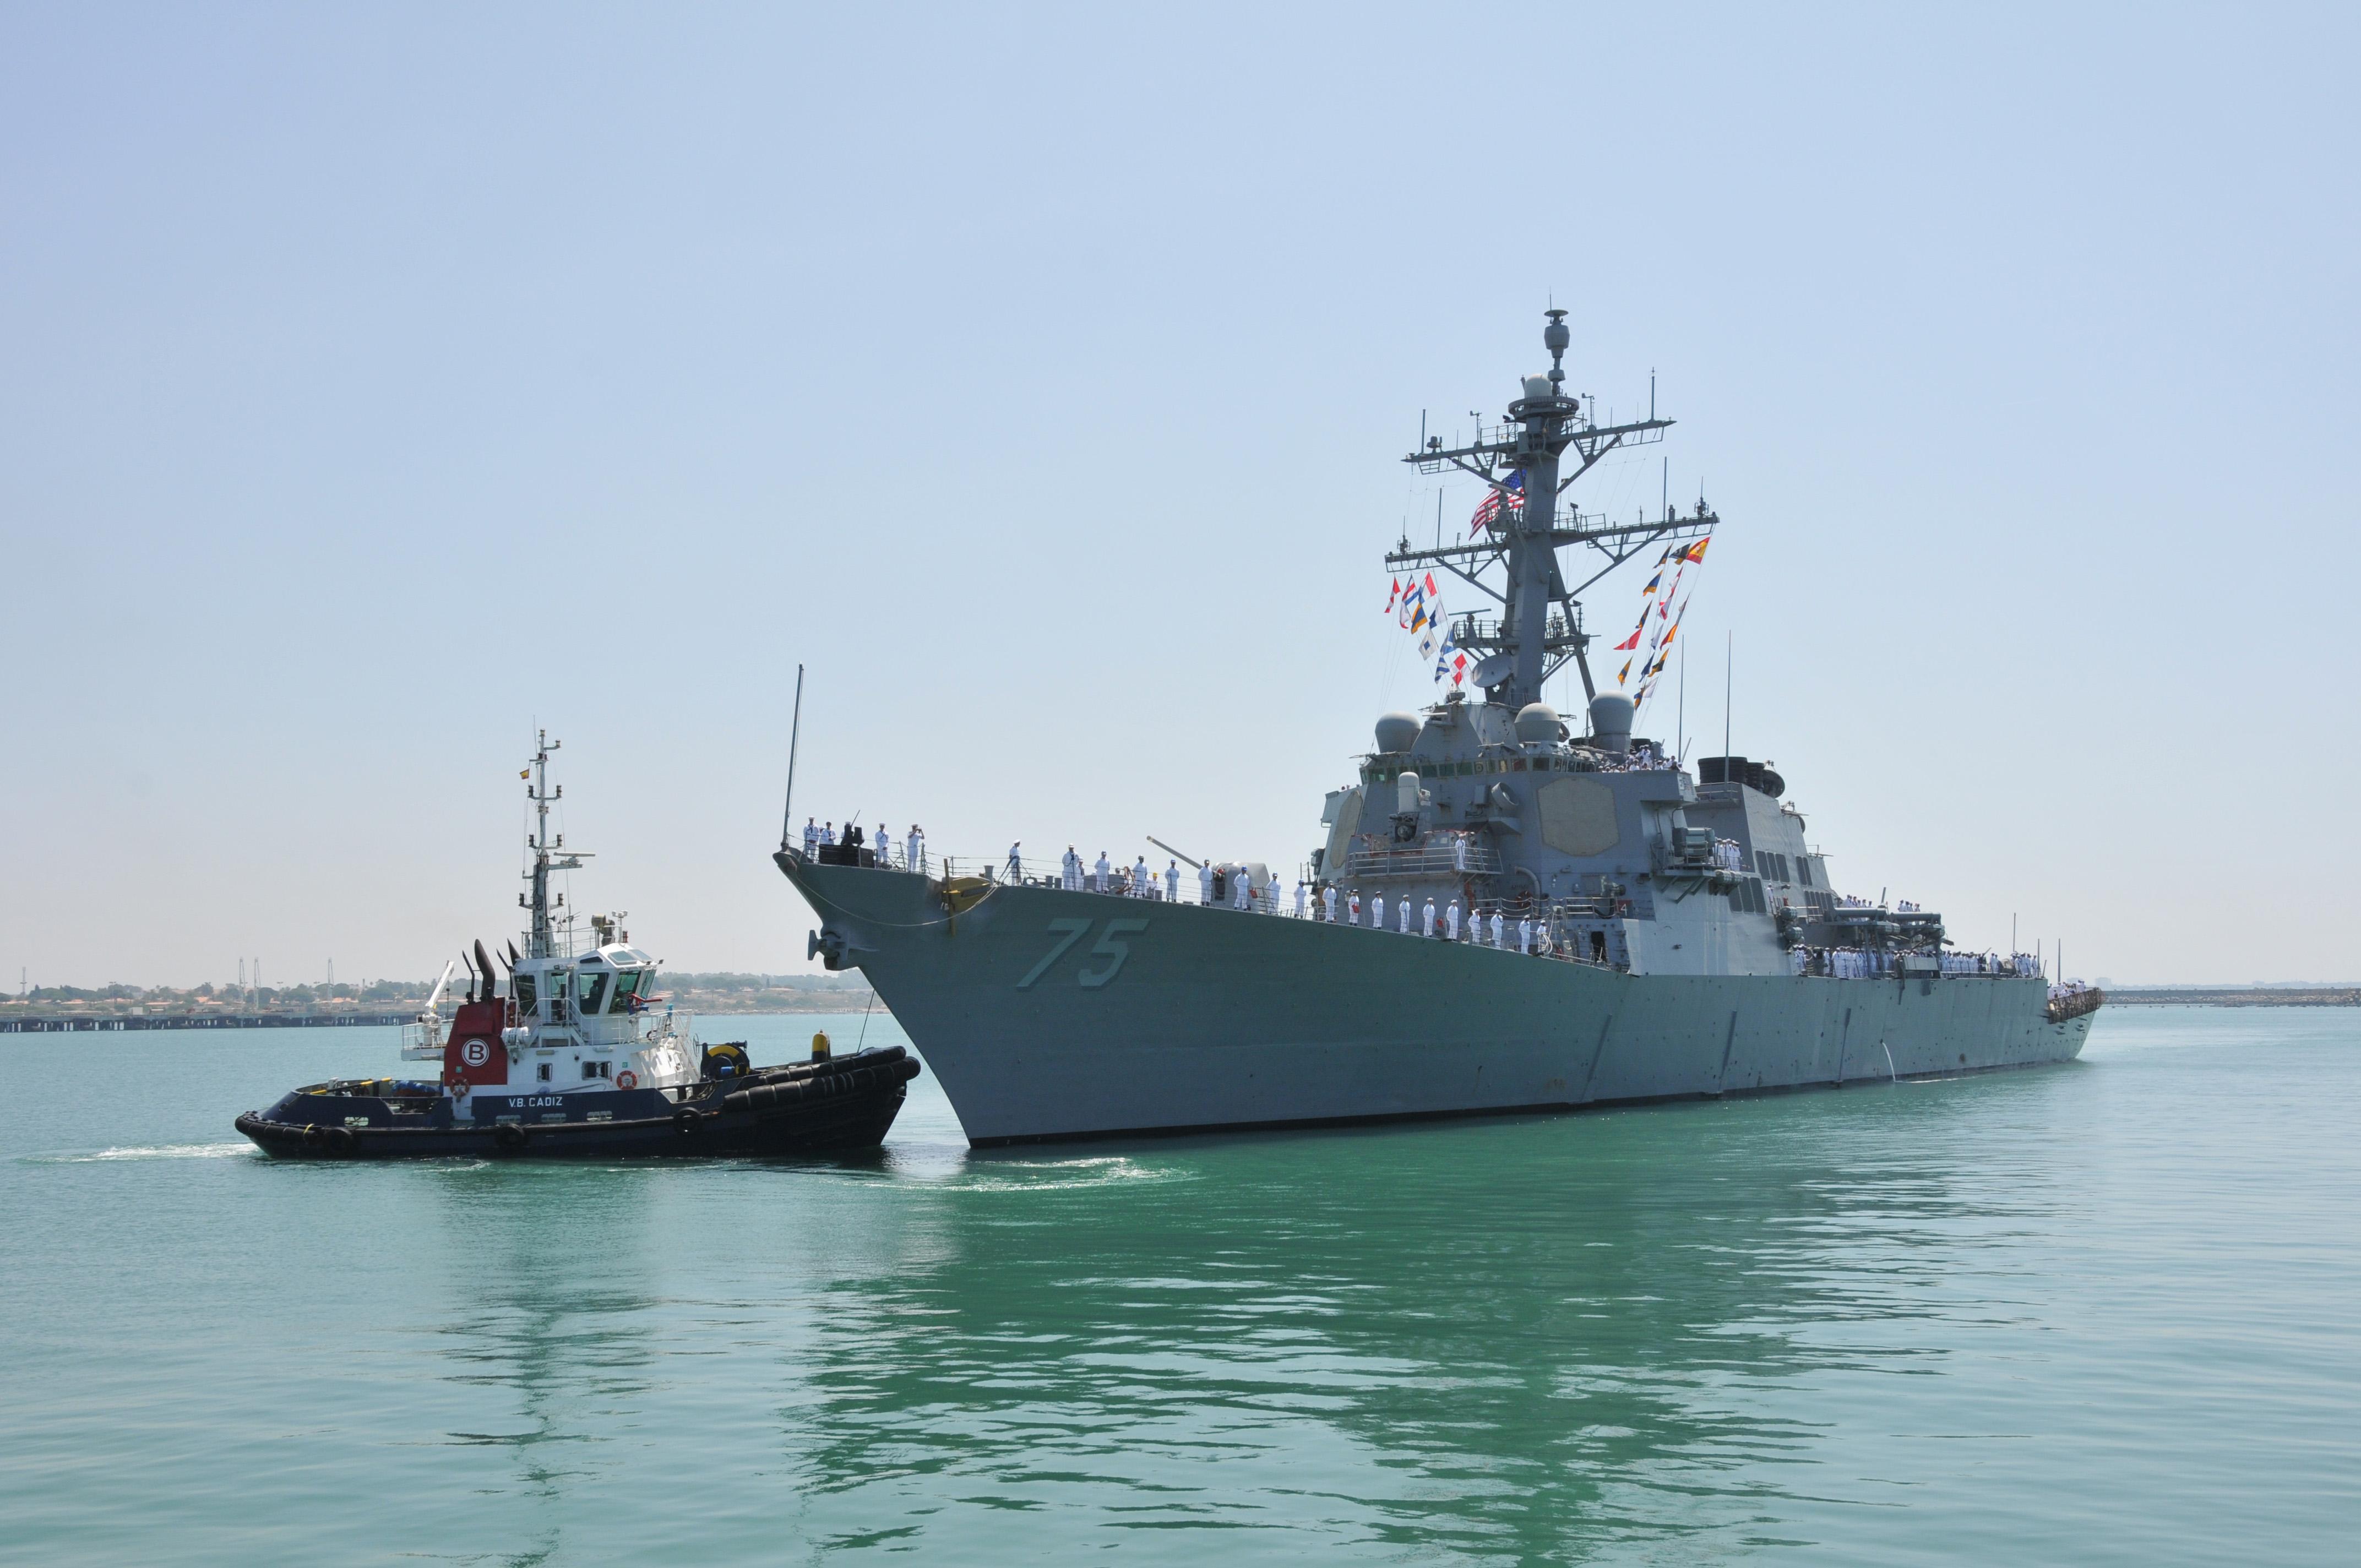 USS DONALD COOK DDG-75 Einlaufen Rota am 25.07.2014 Bild: U.S. Navy